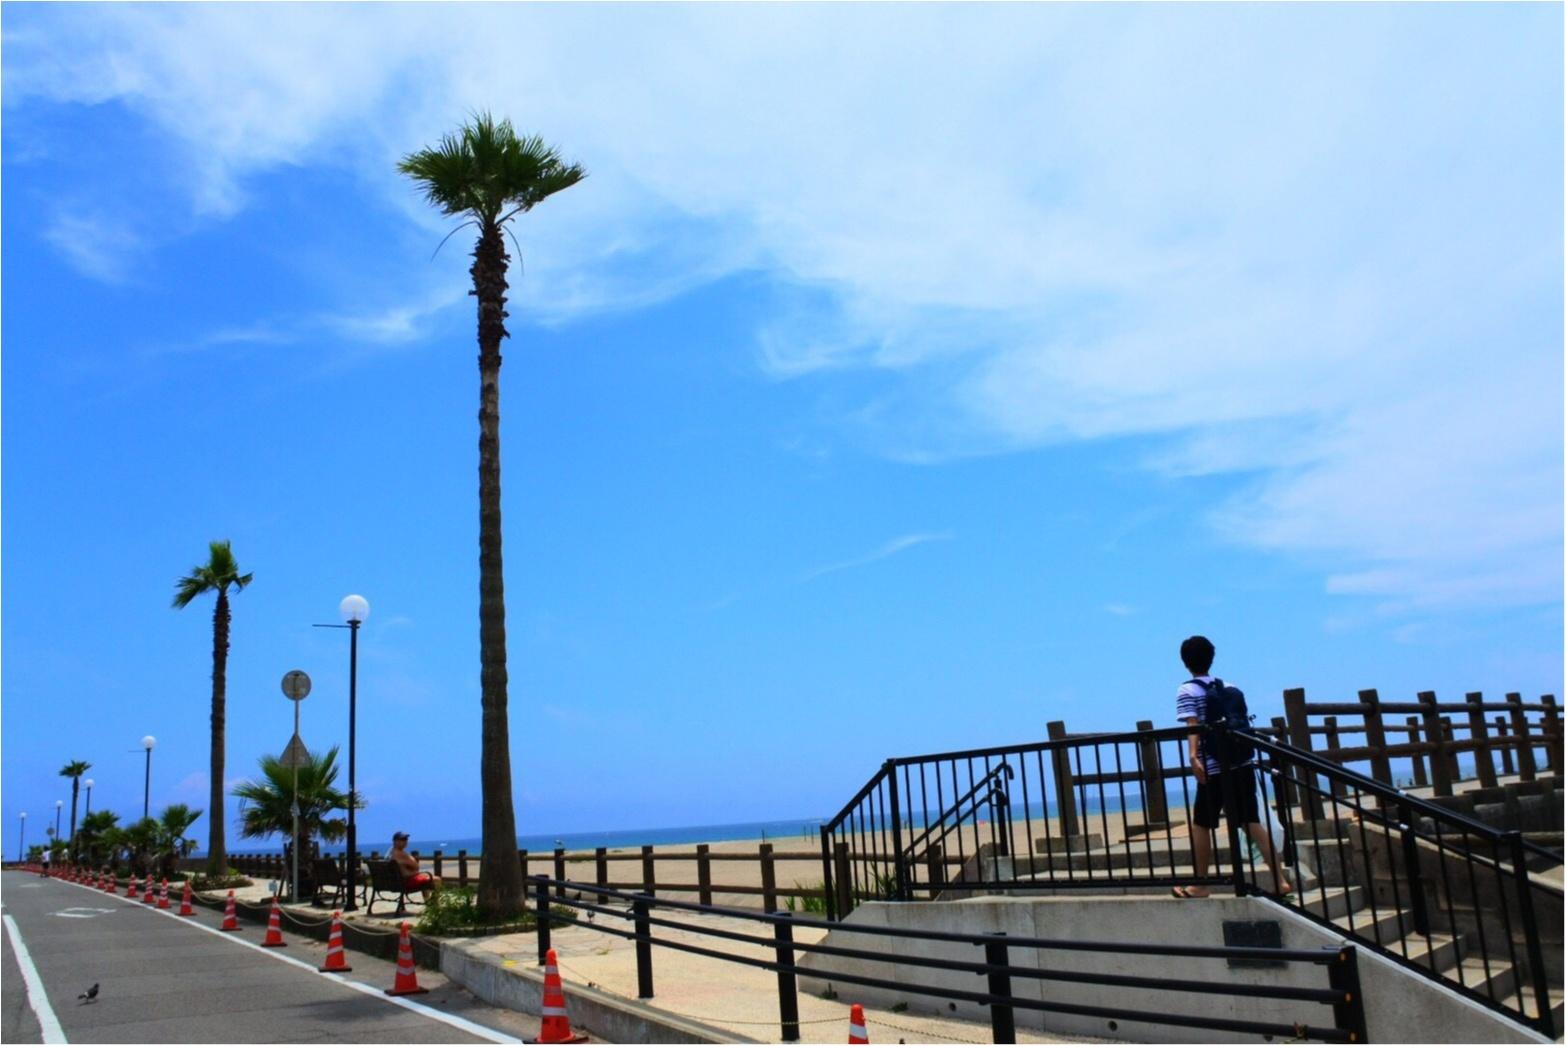 暑い陽射しの海も○○○があれば快適✨あの童謡で有名な【*御宿海岸*】で夏を満喫してきました♪_2